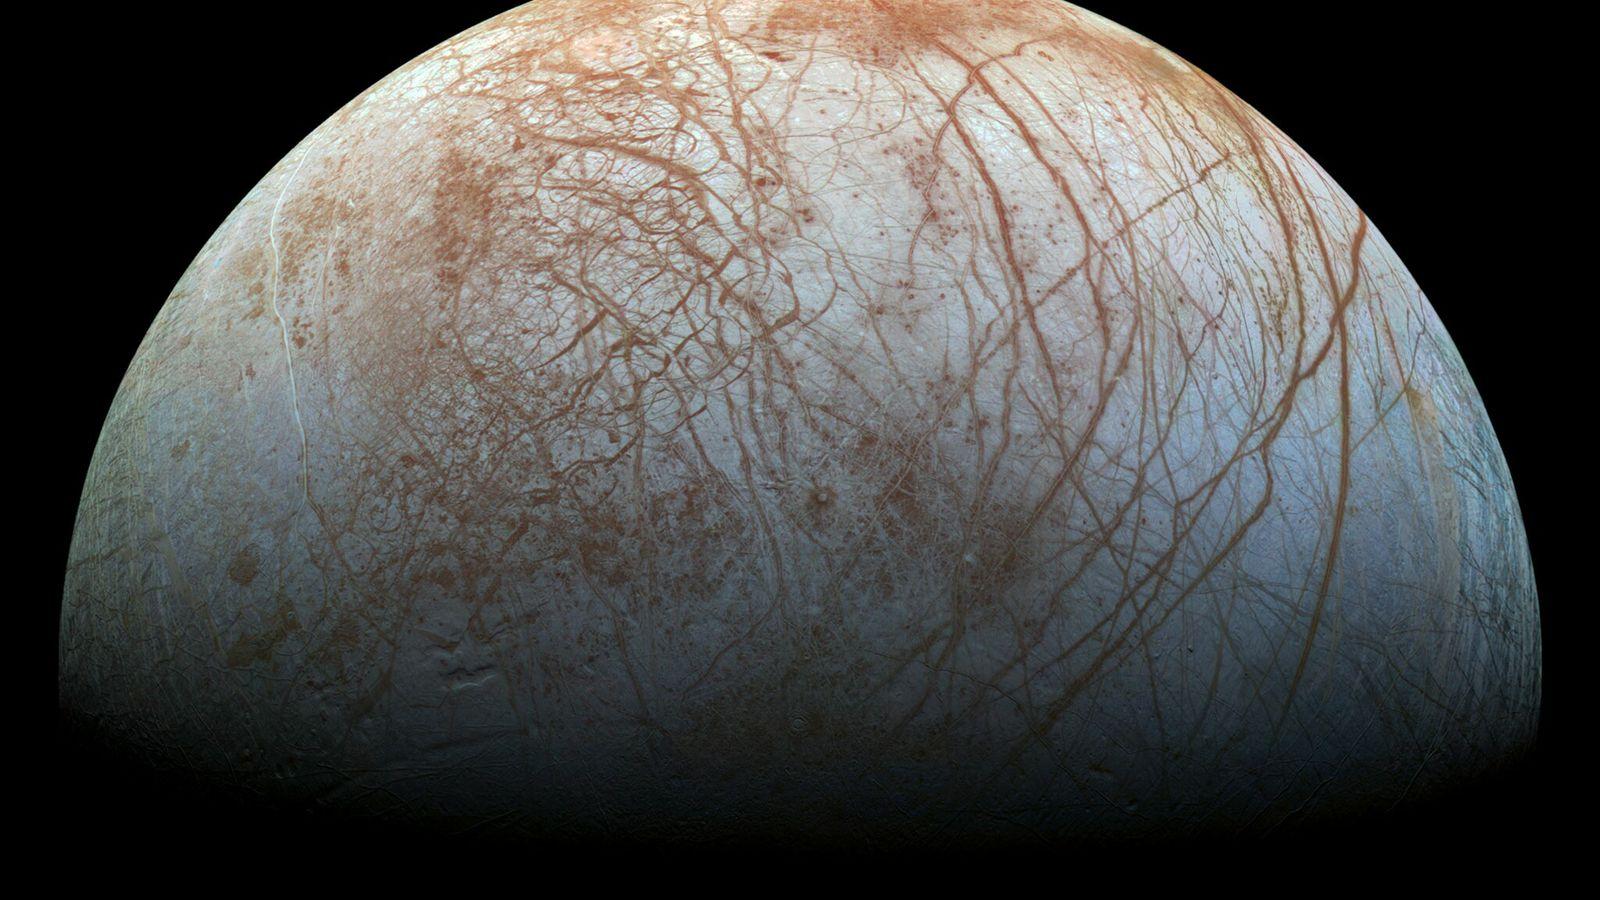 Europe, l'une des lunes de Jupiter, est recouverte d'une épaisse couche de glace sous laquelle se ...